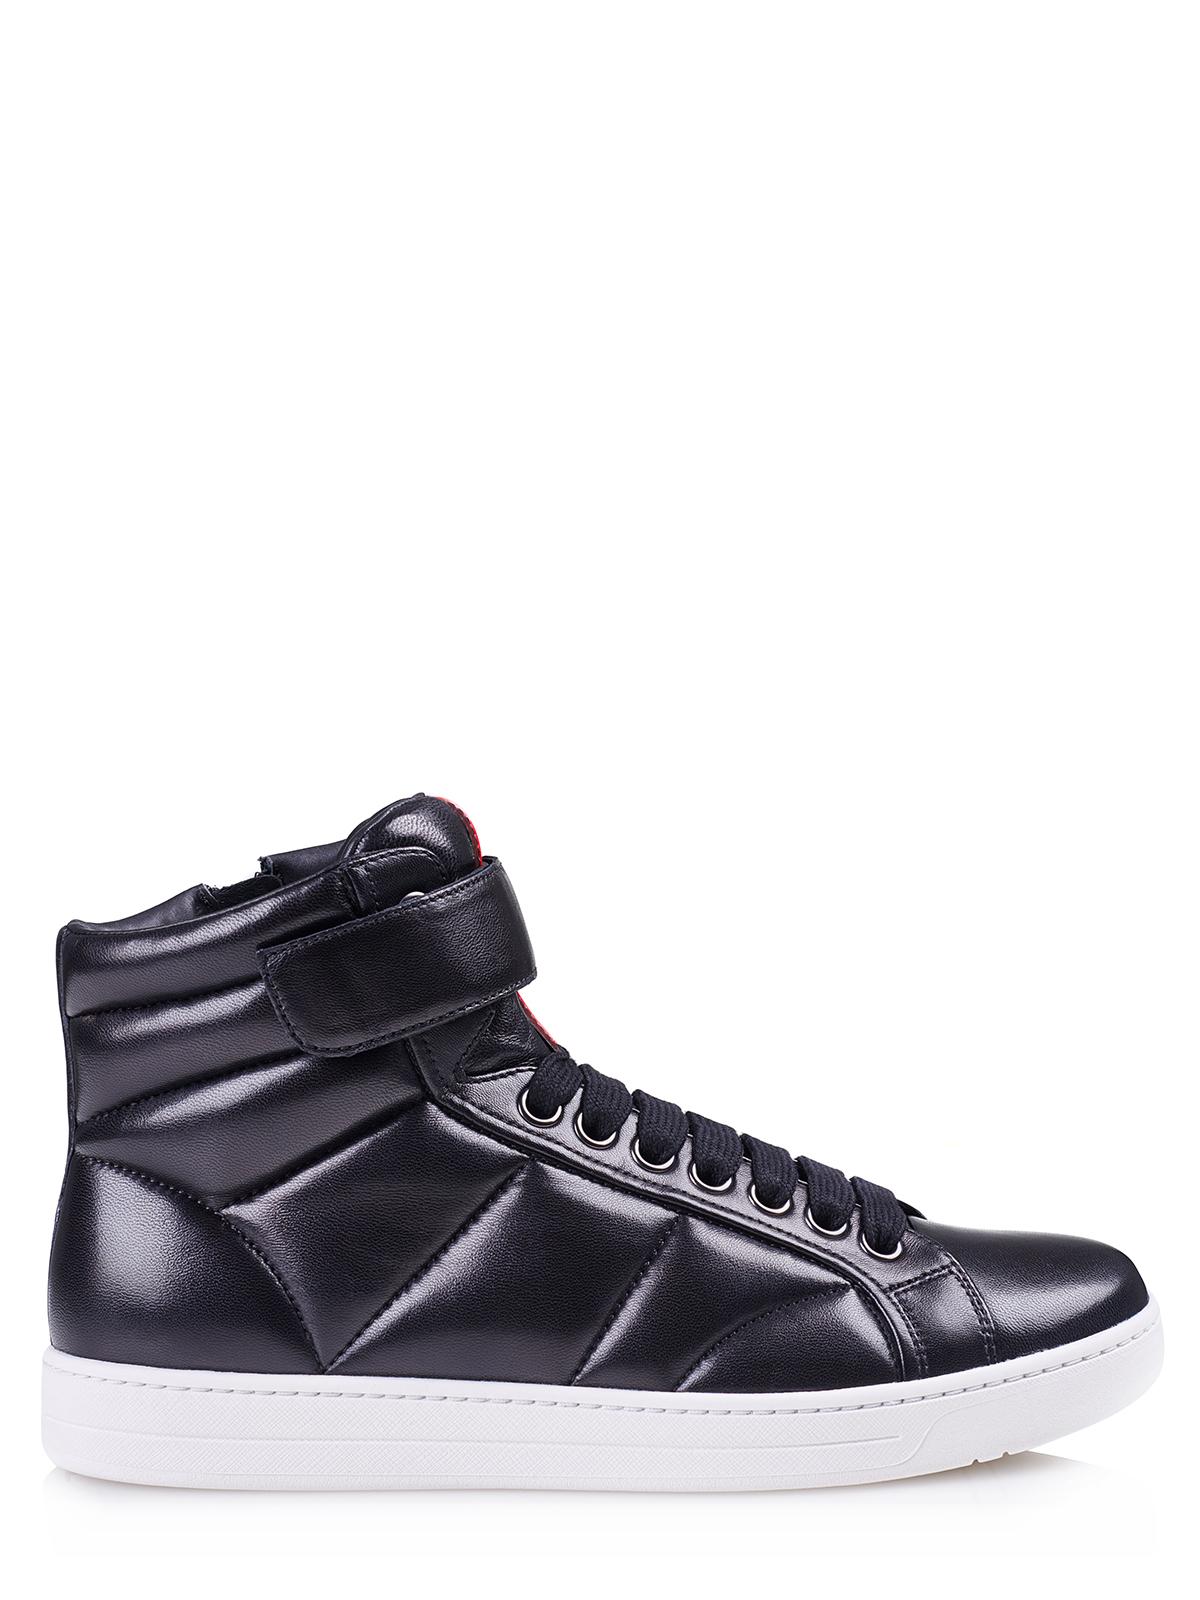 prada shoes 4t3024 black leather ebay. Black Bedroom Furniture Sets. Home Design Ideas